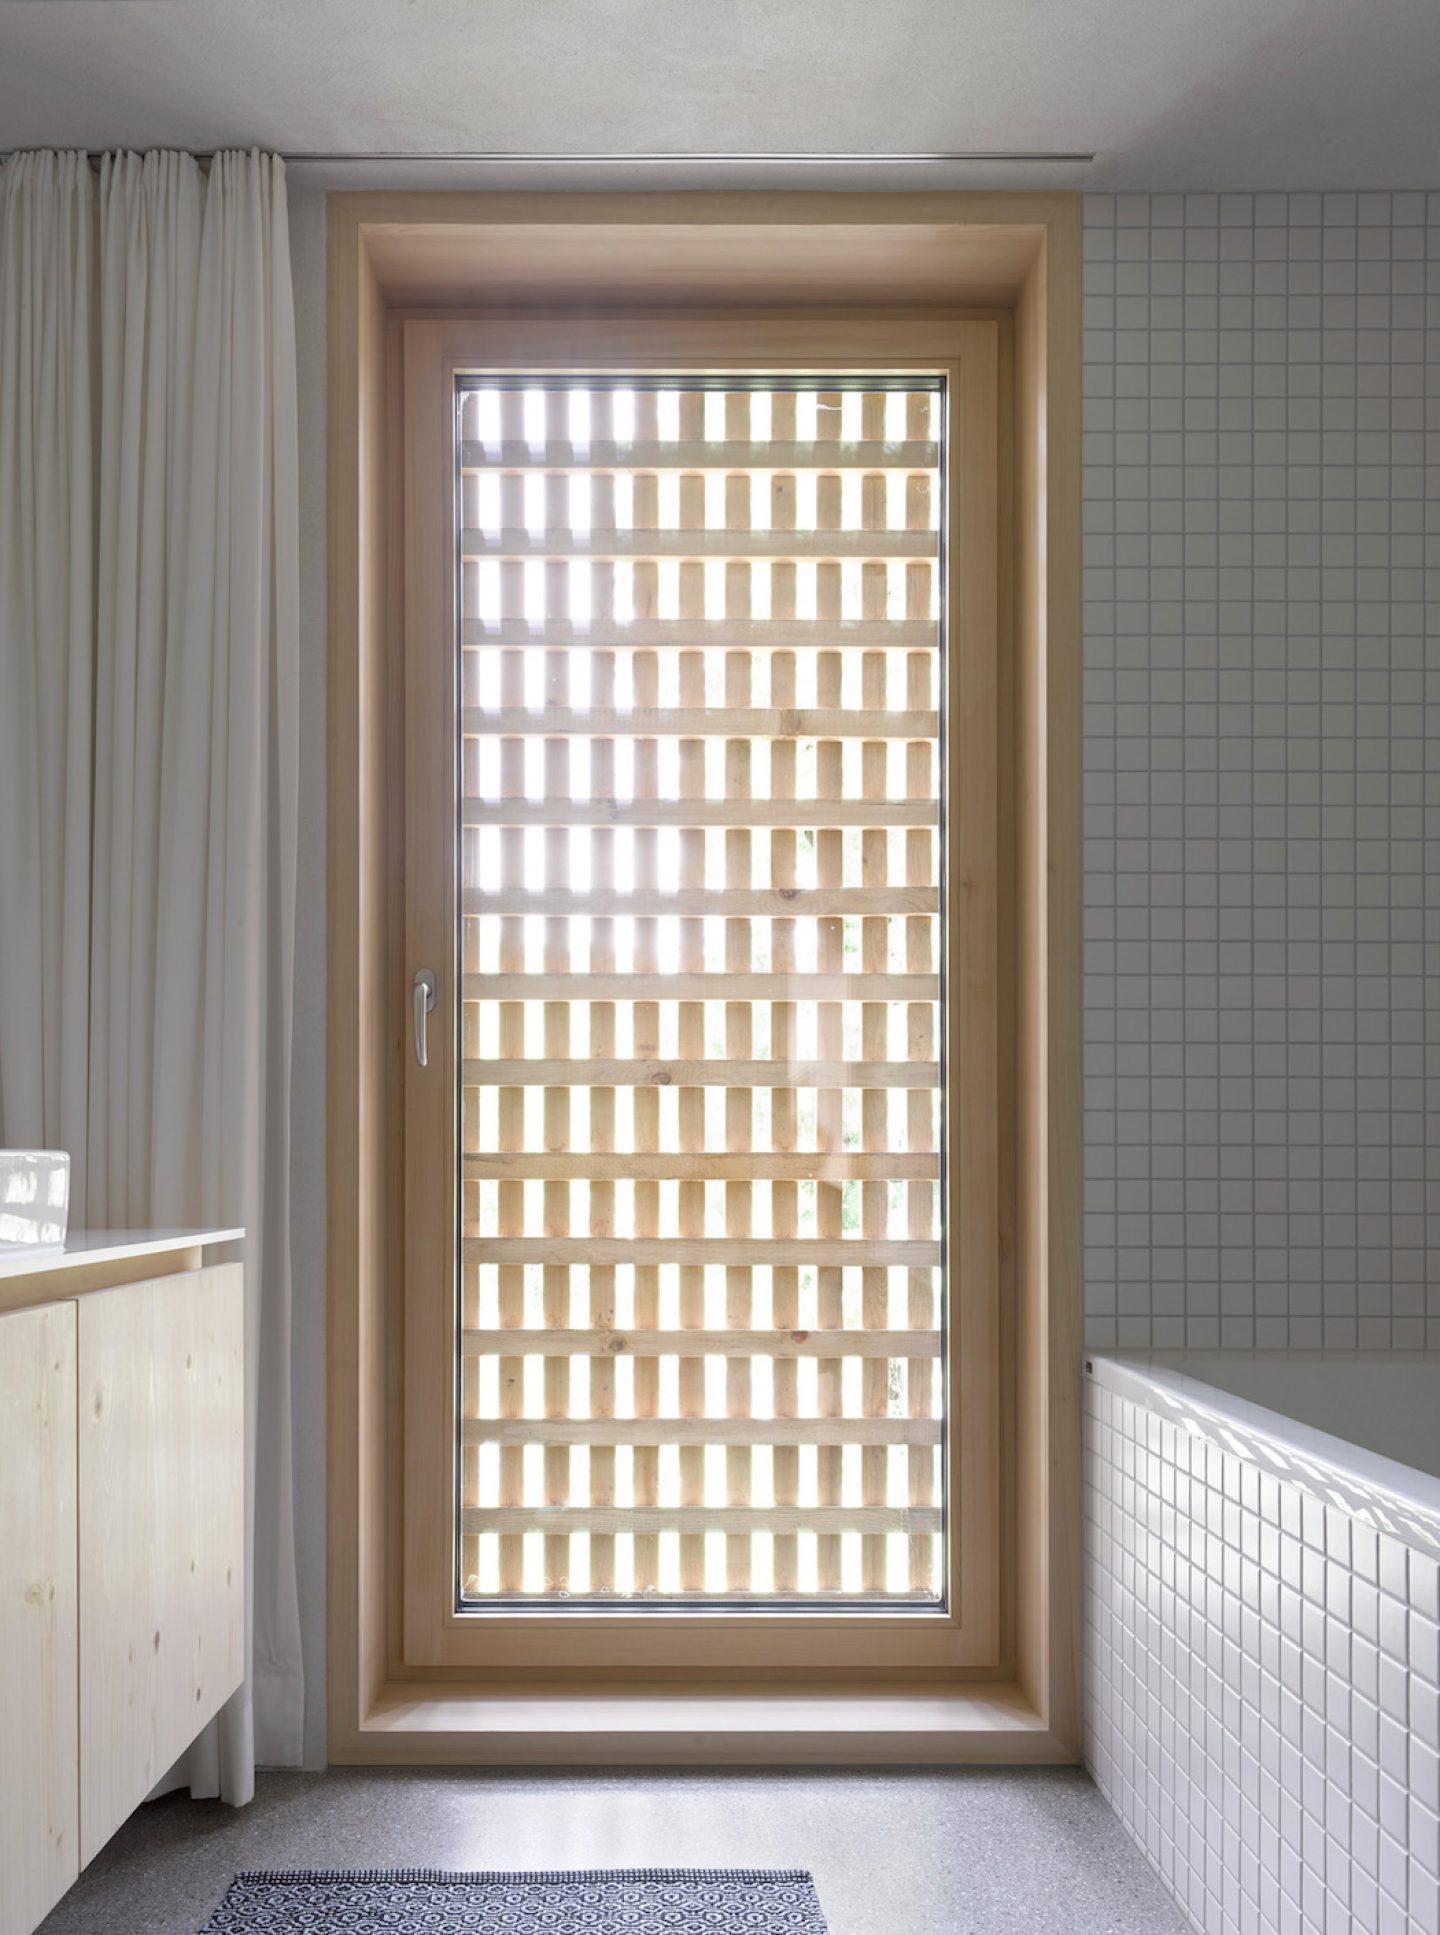 Innauer_Matt_Architecture__HBJ 12_Adolf Bereuter